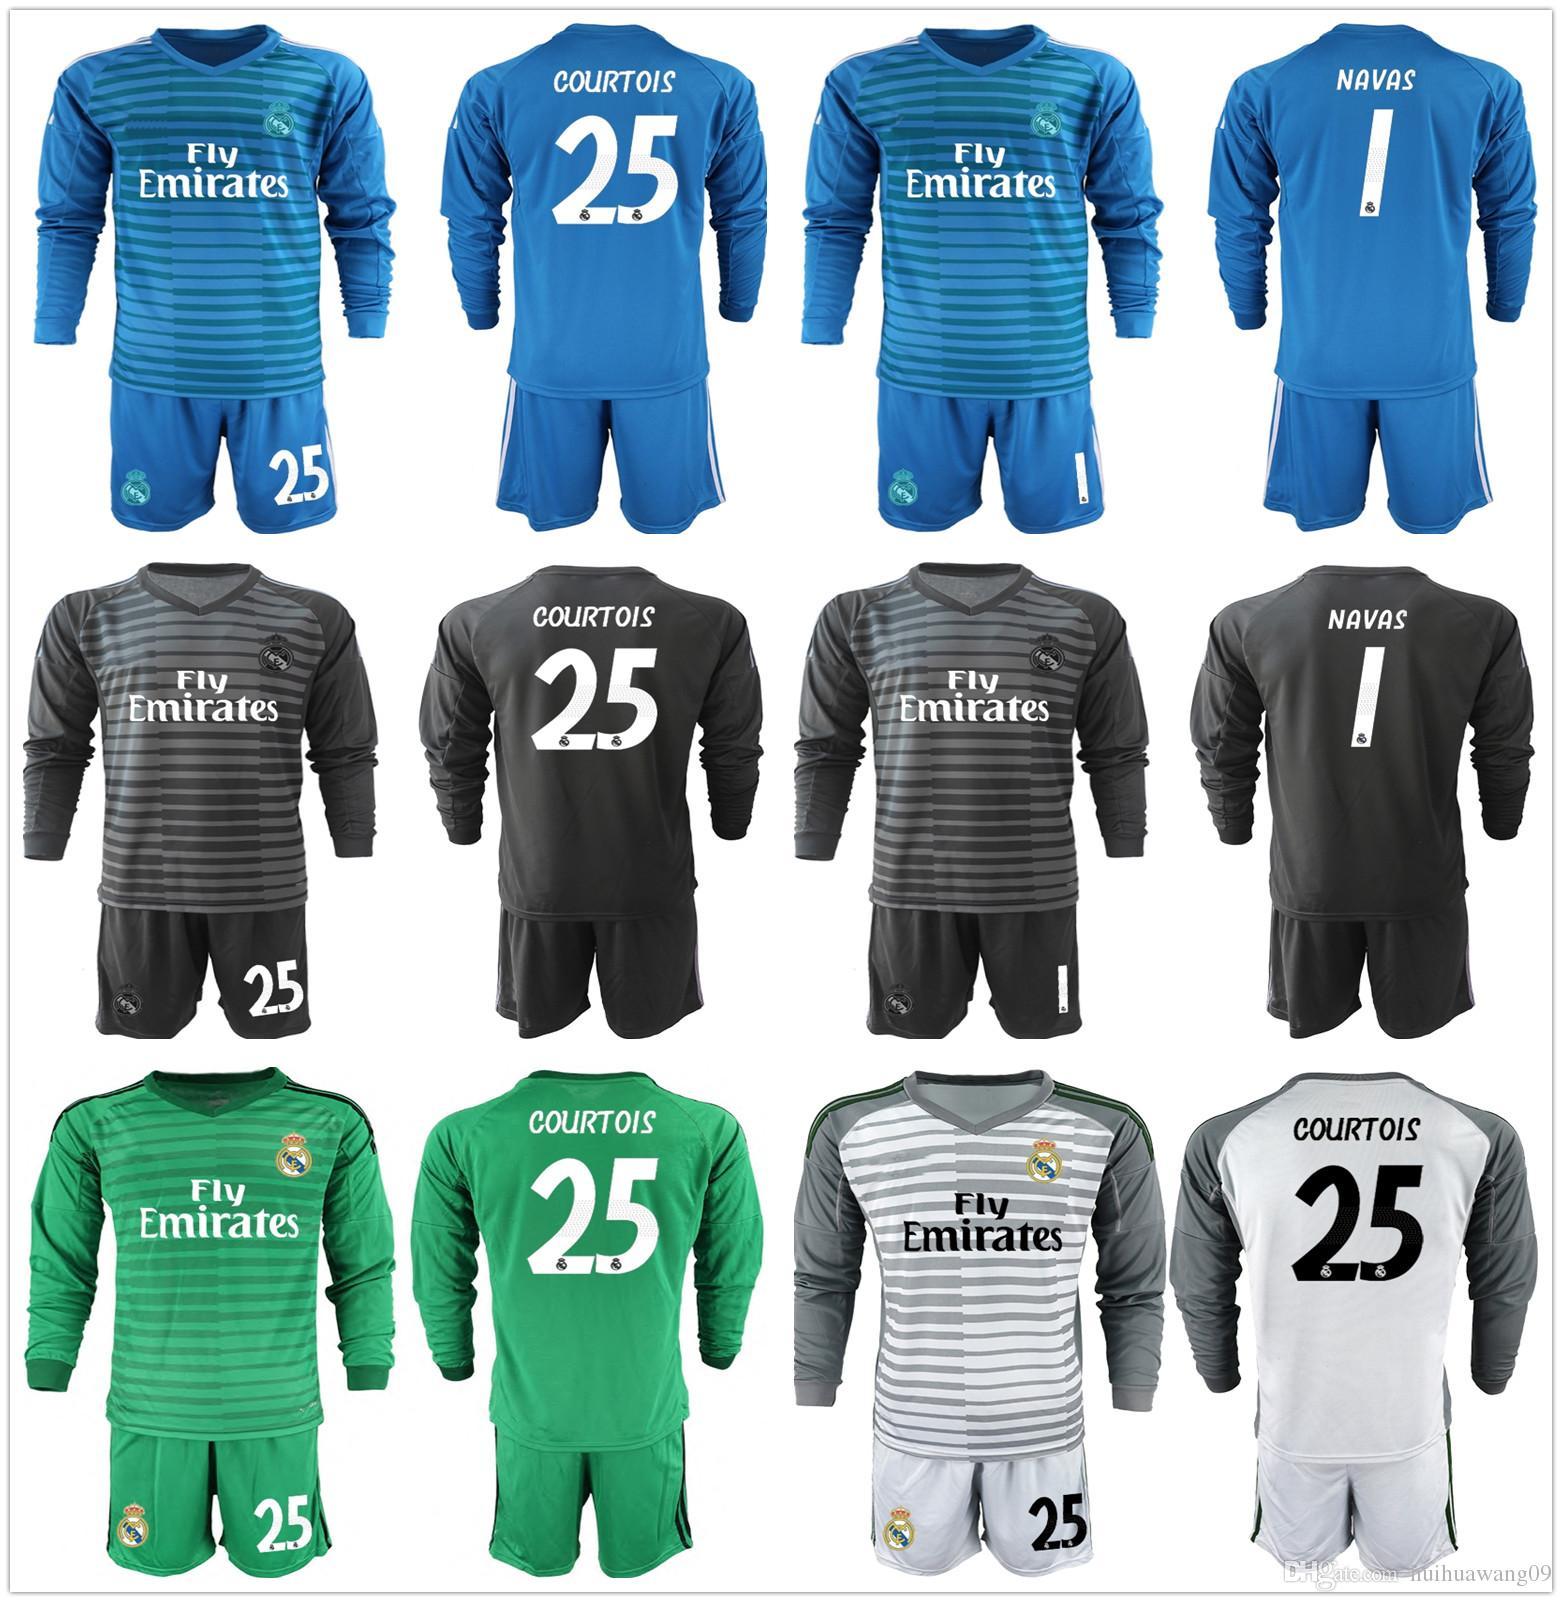 Compre 2018 2019 Conjunto De Fútbol De Real Madrid De Manga Larga Portero  Kit Keylor Navas 25 Portero De Courtois Camiseta De Mangas De Bale Del  Uniforme De ... f14c4f36a56